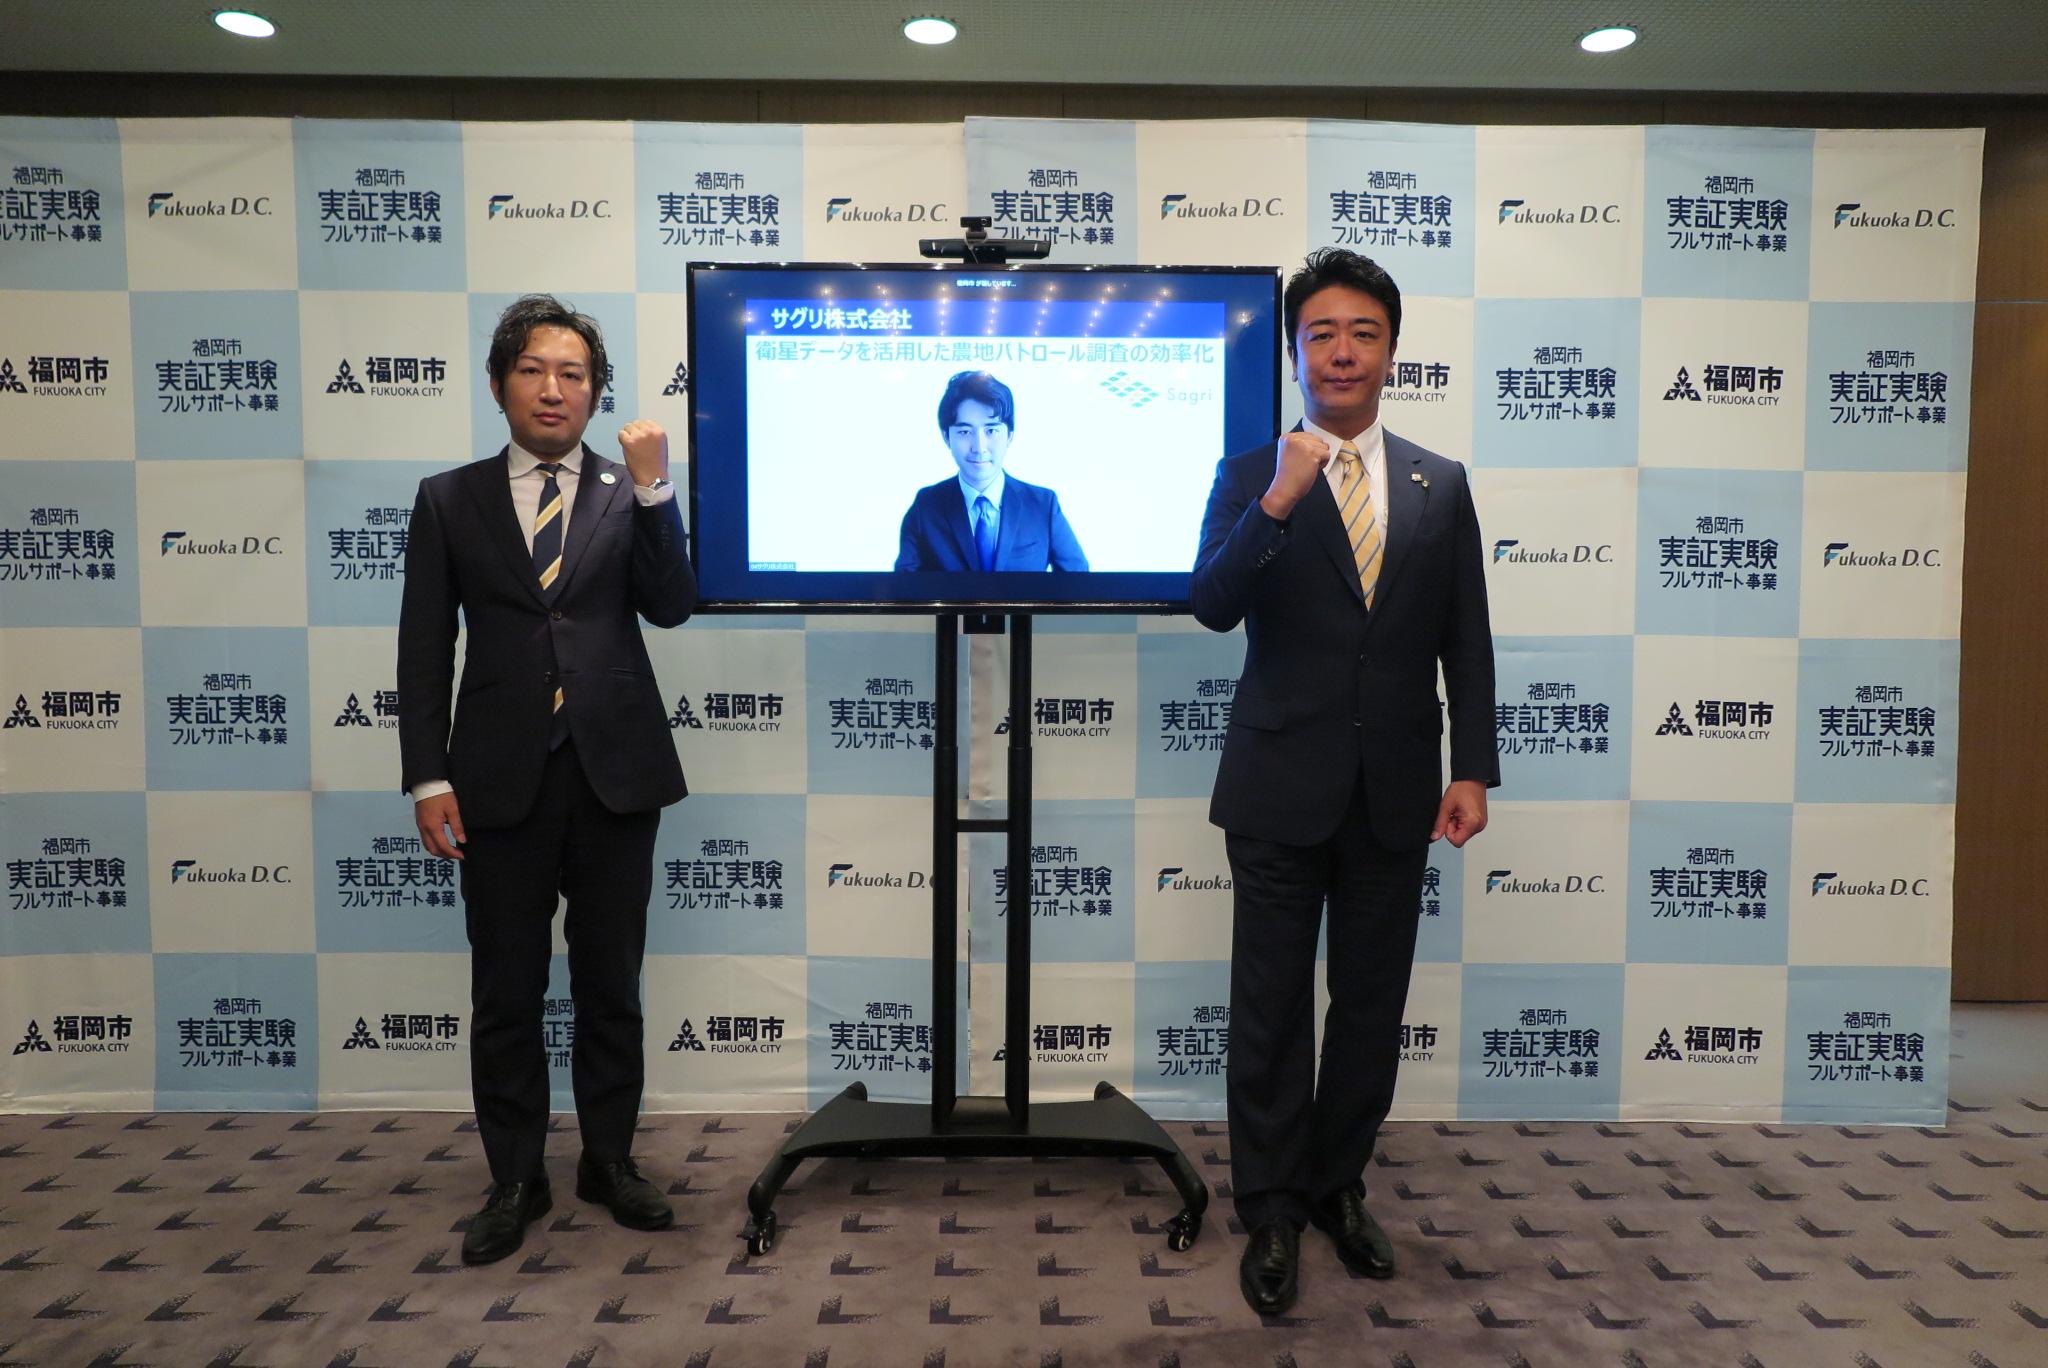 令和3年度福岡市実証実験フルサポート事業採択のお知らせ